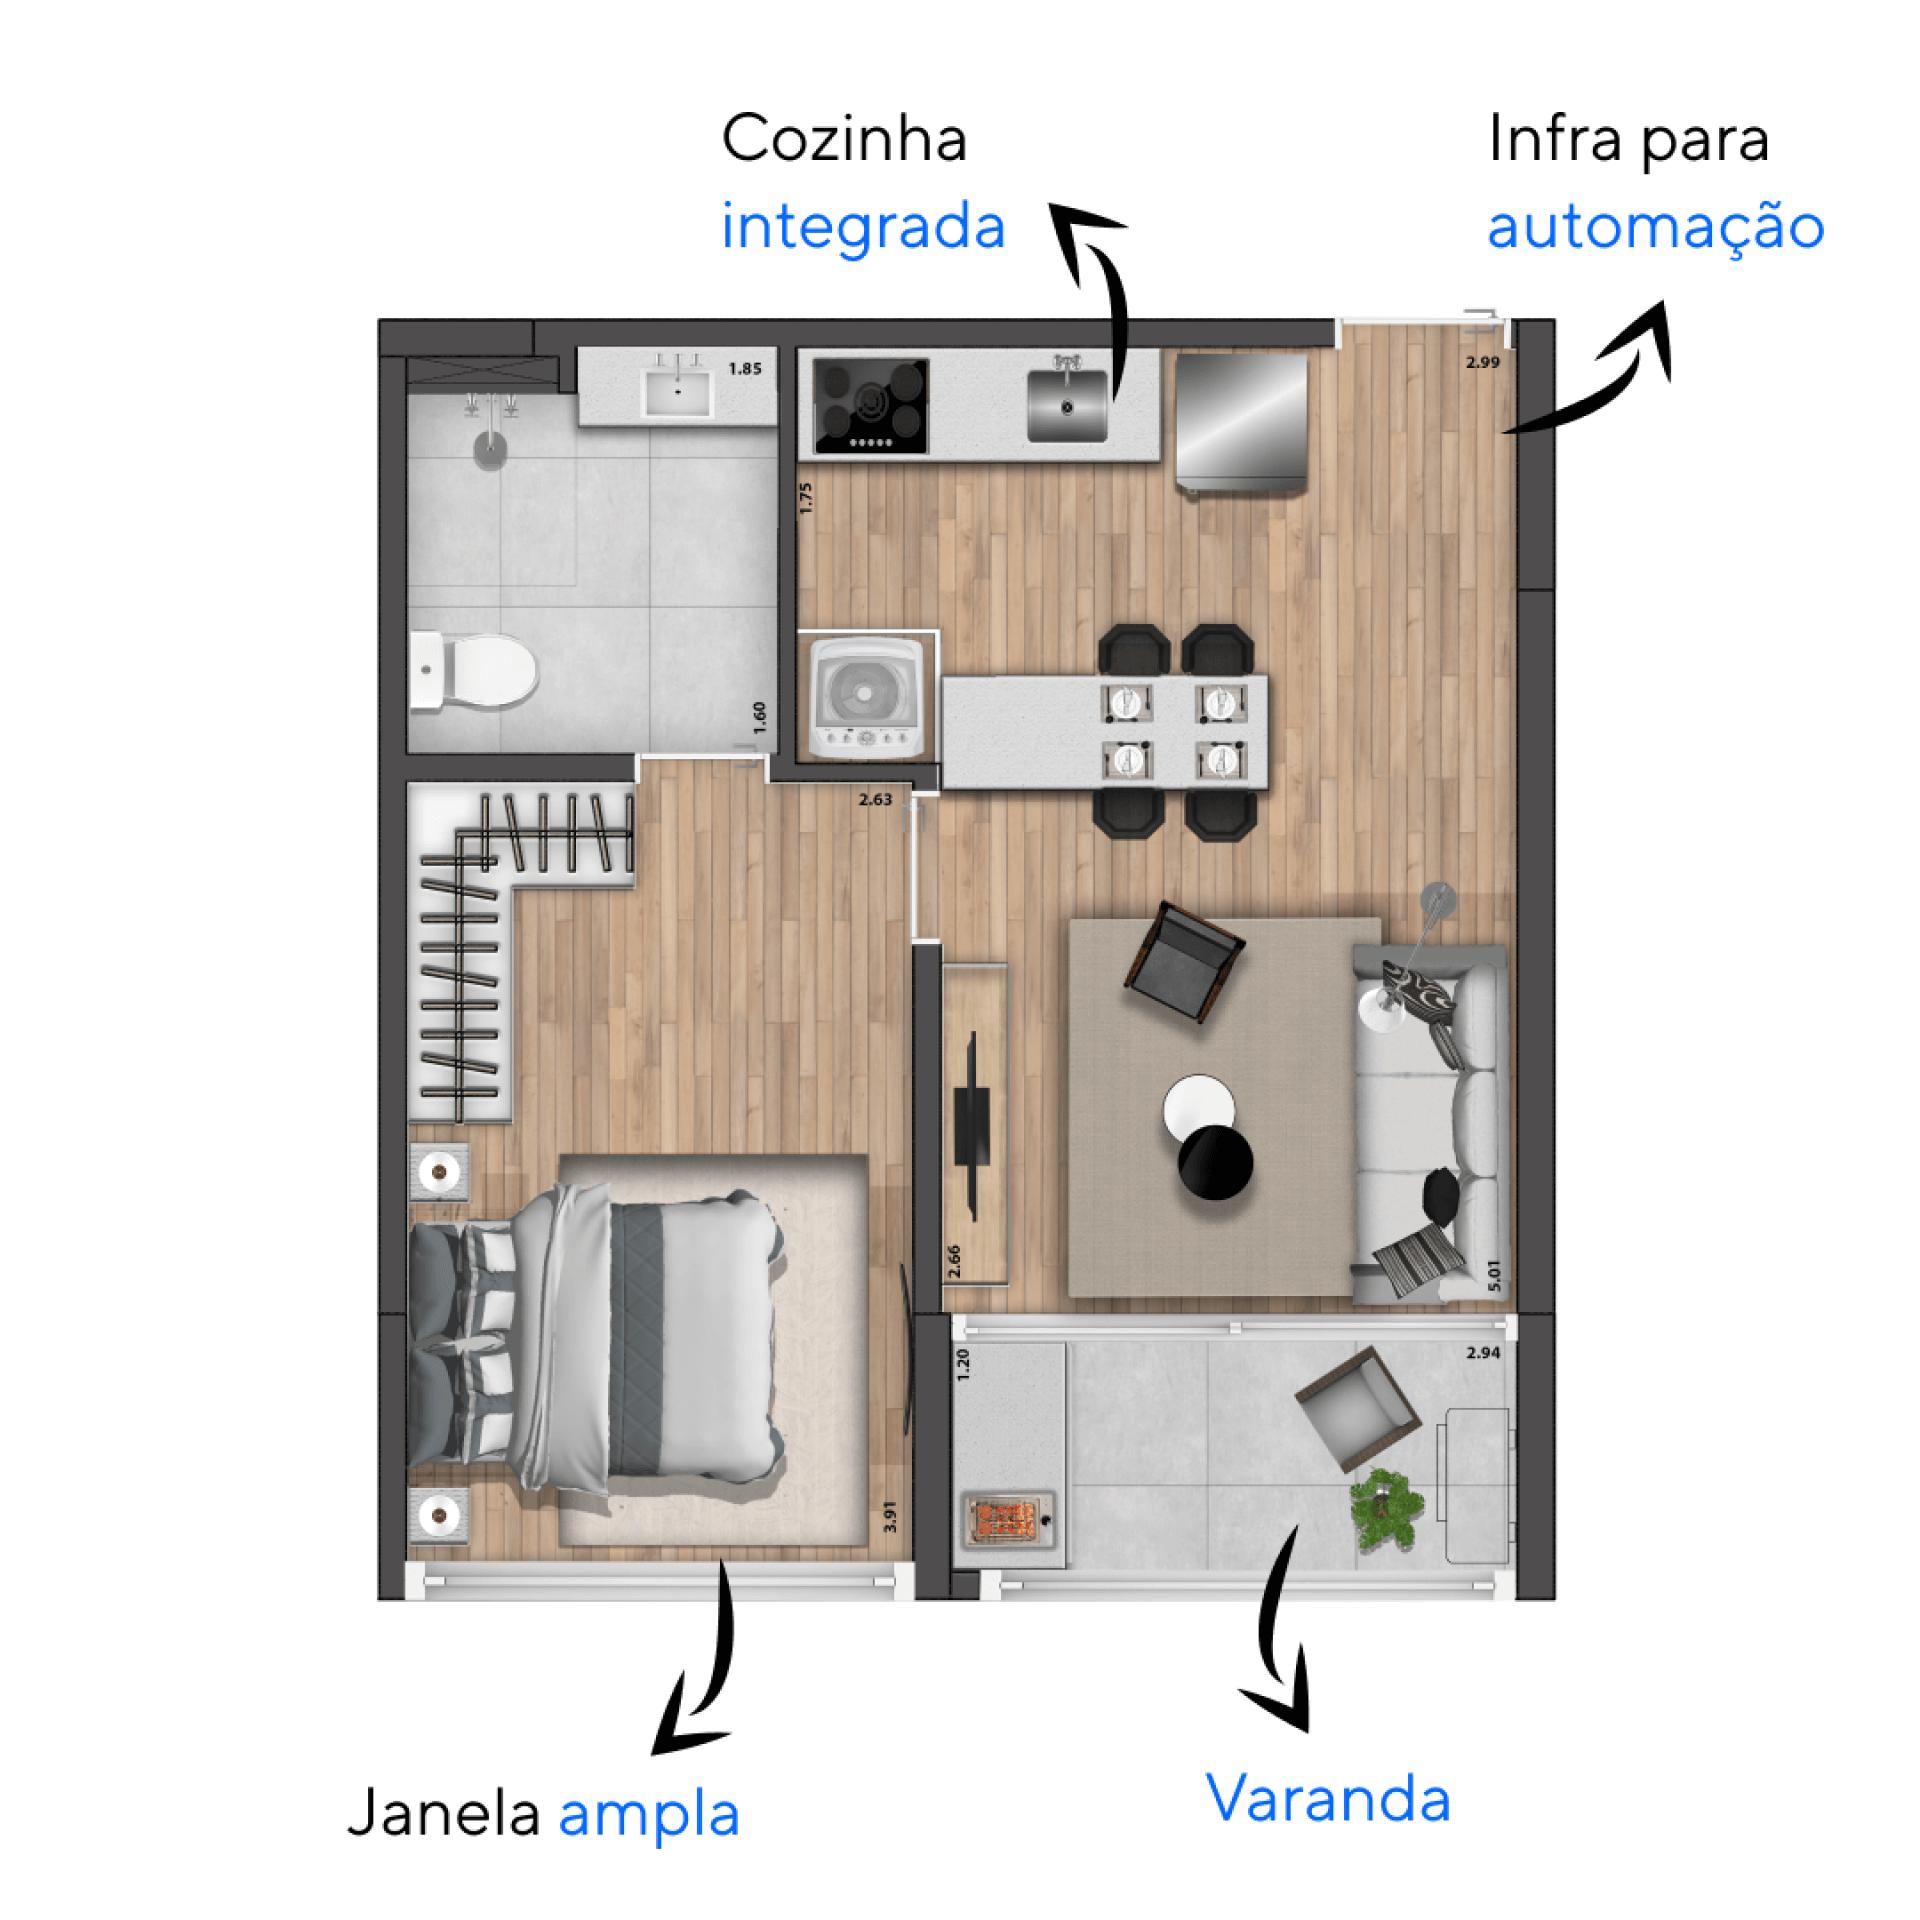 38 M² - 1 SUÍTE. Apartamentos do Single Tolle com sugestão de bancada que funciona como mesa de jantar, otimizando a área social. A janela ampla na suíte, possui bandeira fixa inferior, favorecendo a entrada de iluminação natural em todo o ambiente.